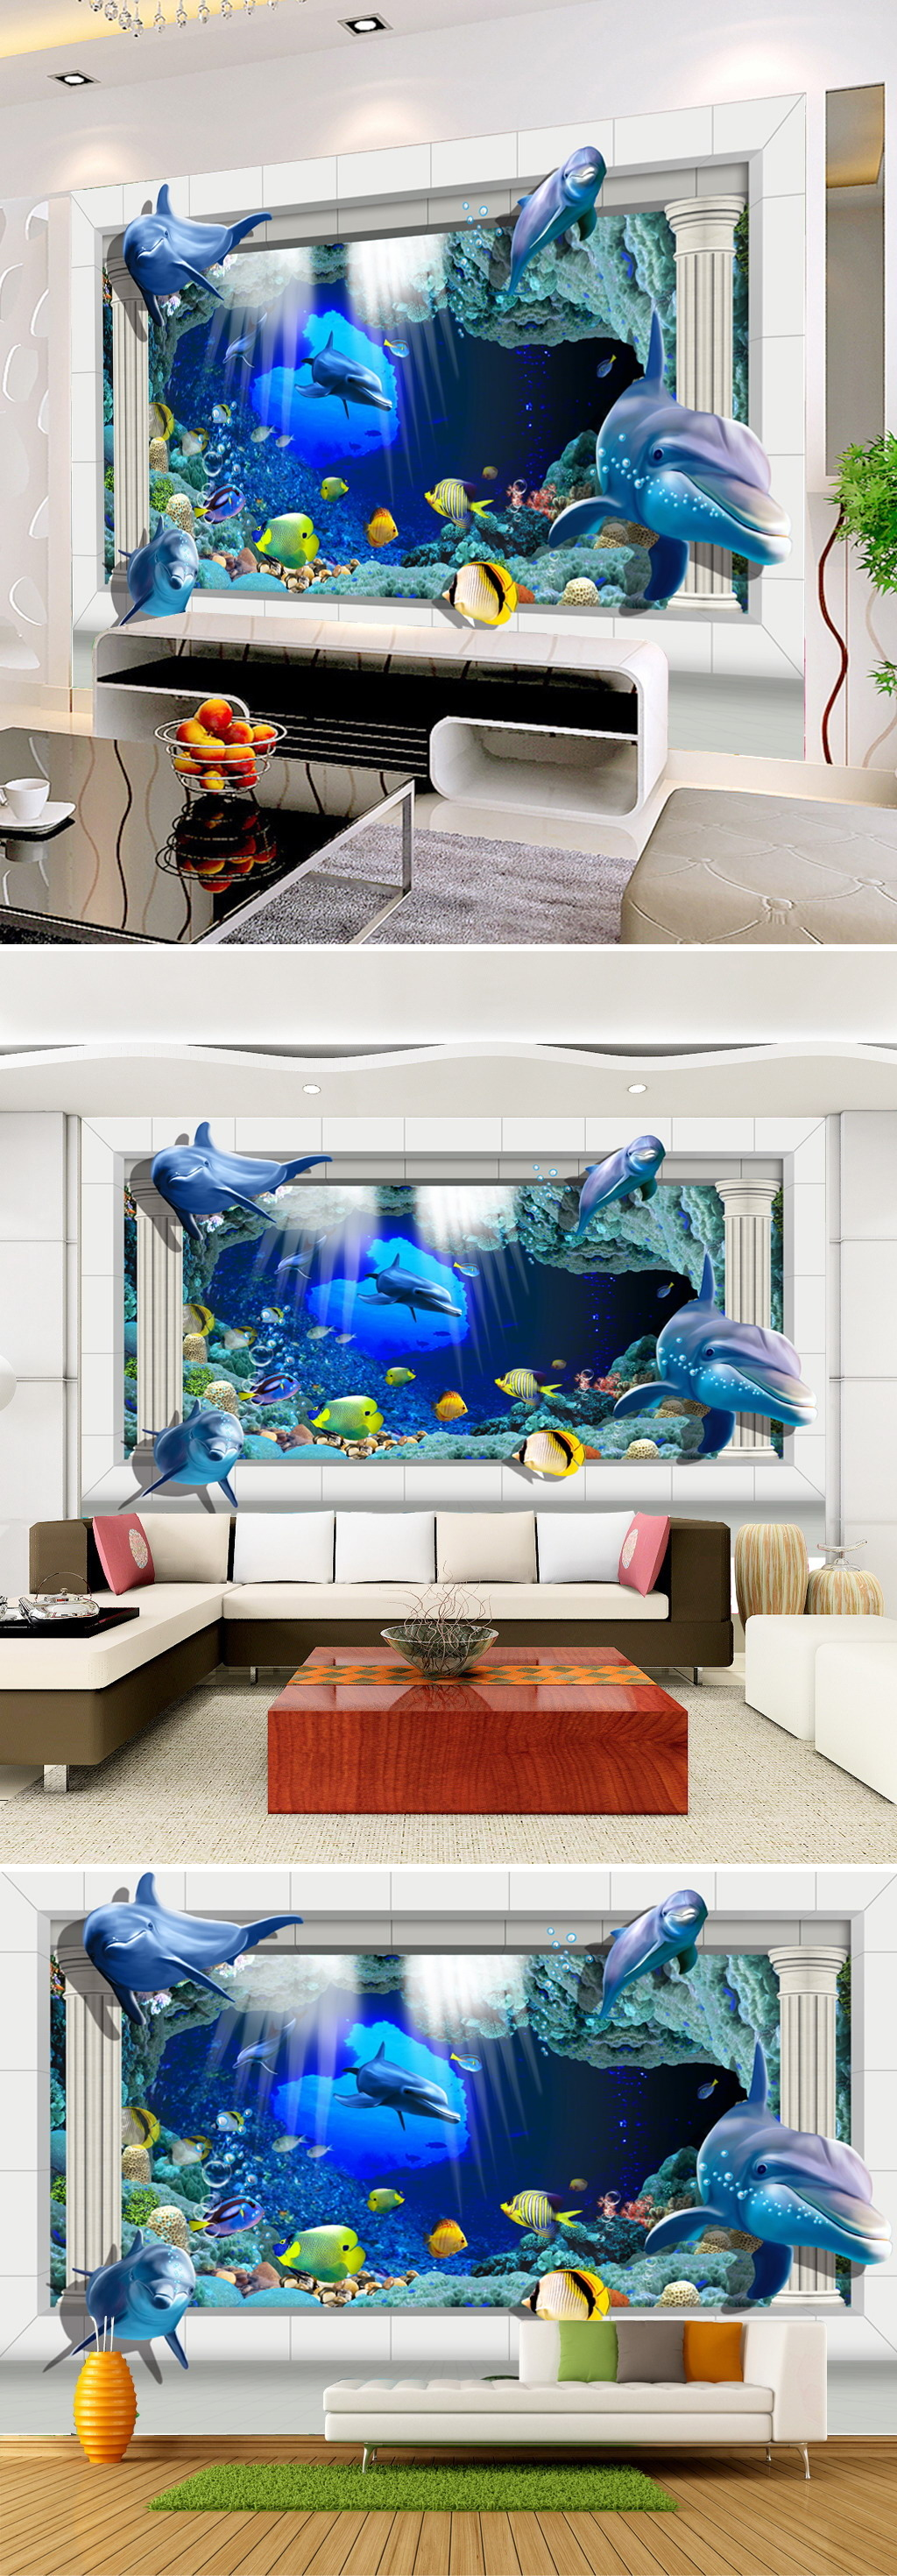 鱼海底的动物